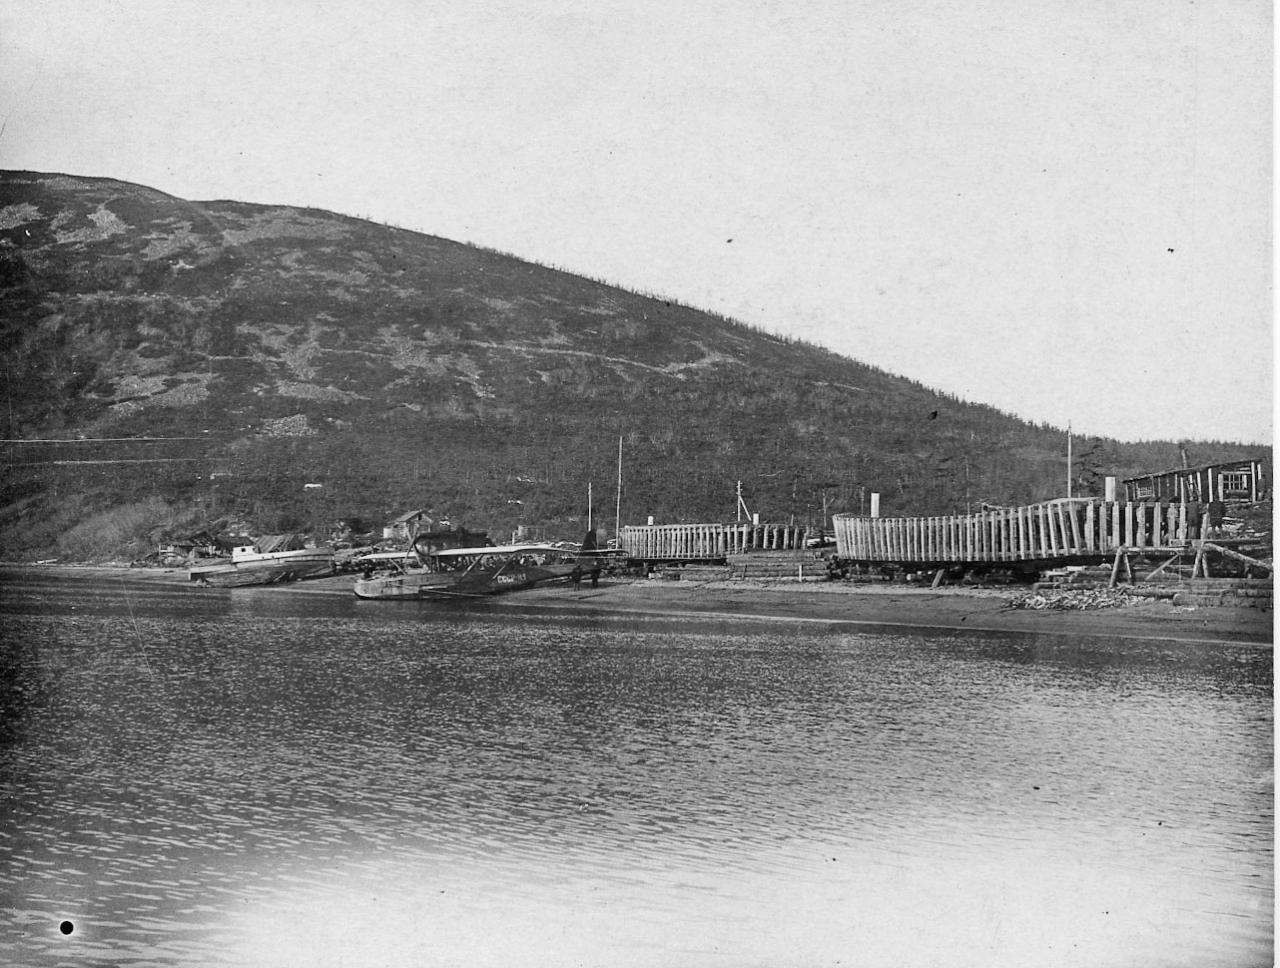 Строящиеся нагаевской верфью кунгасы и баржи морского типа и гидросамолёт Н-1. бухта Нагаева, 1933 год.